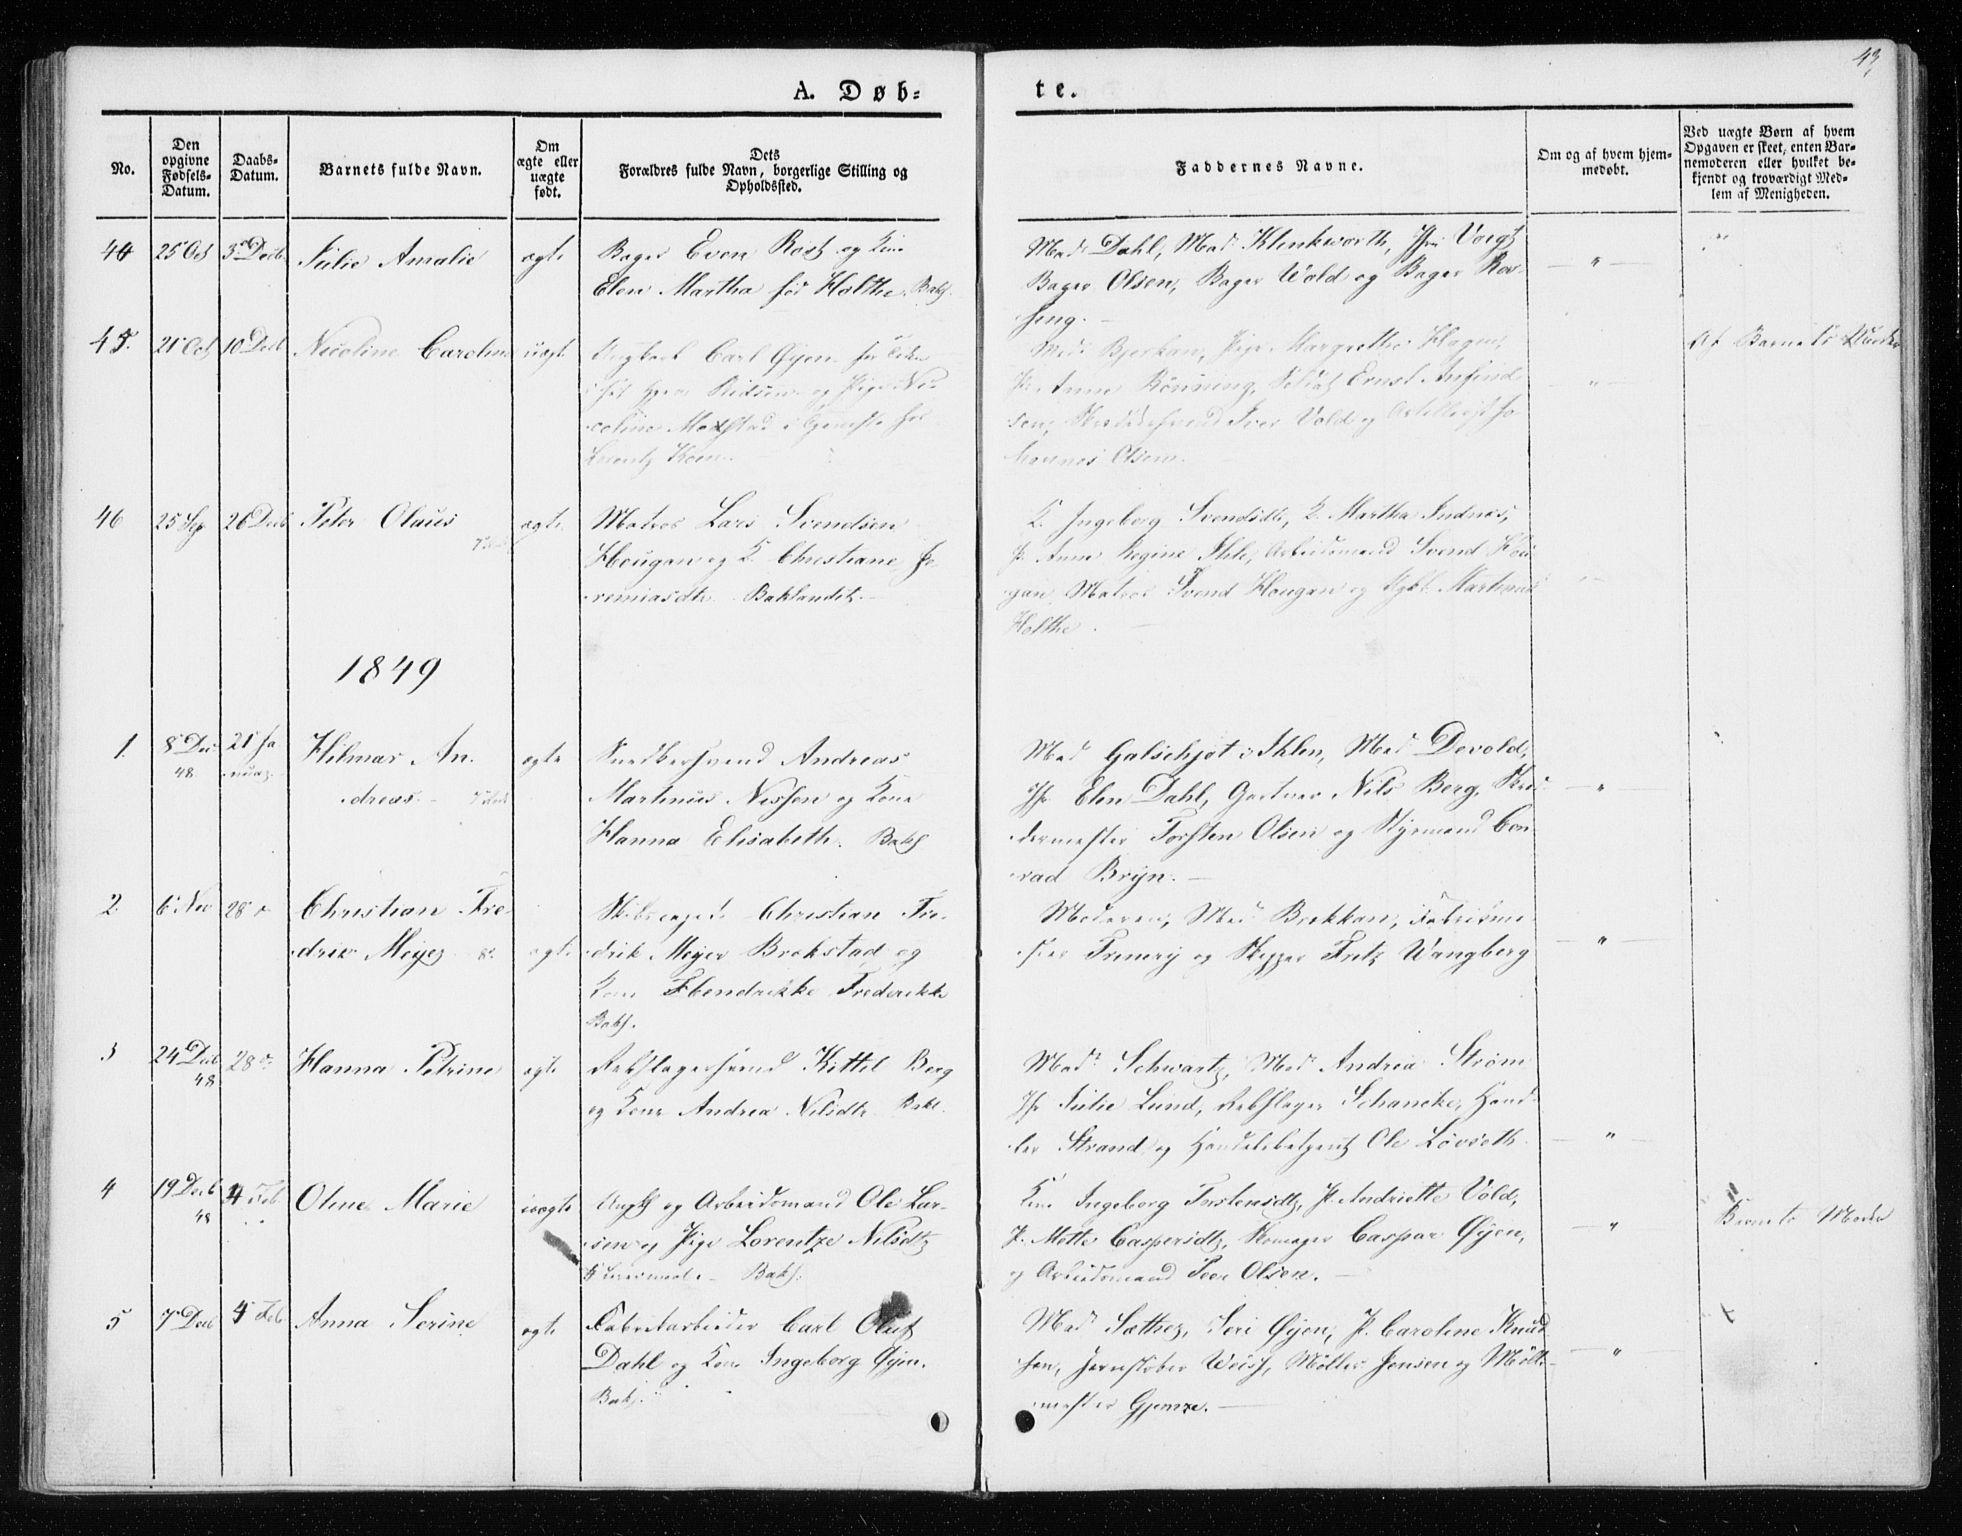 SAT, Ministerialprotokoller, klokkerbøker og fødselsregistre - Sør-Trøndelag, 604/L0183: Ministerialbok nr. 604A04, 1841-1850, s. 43